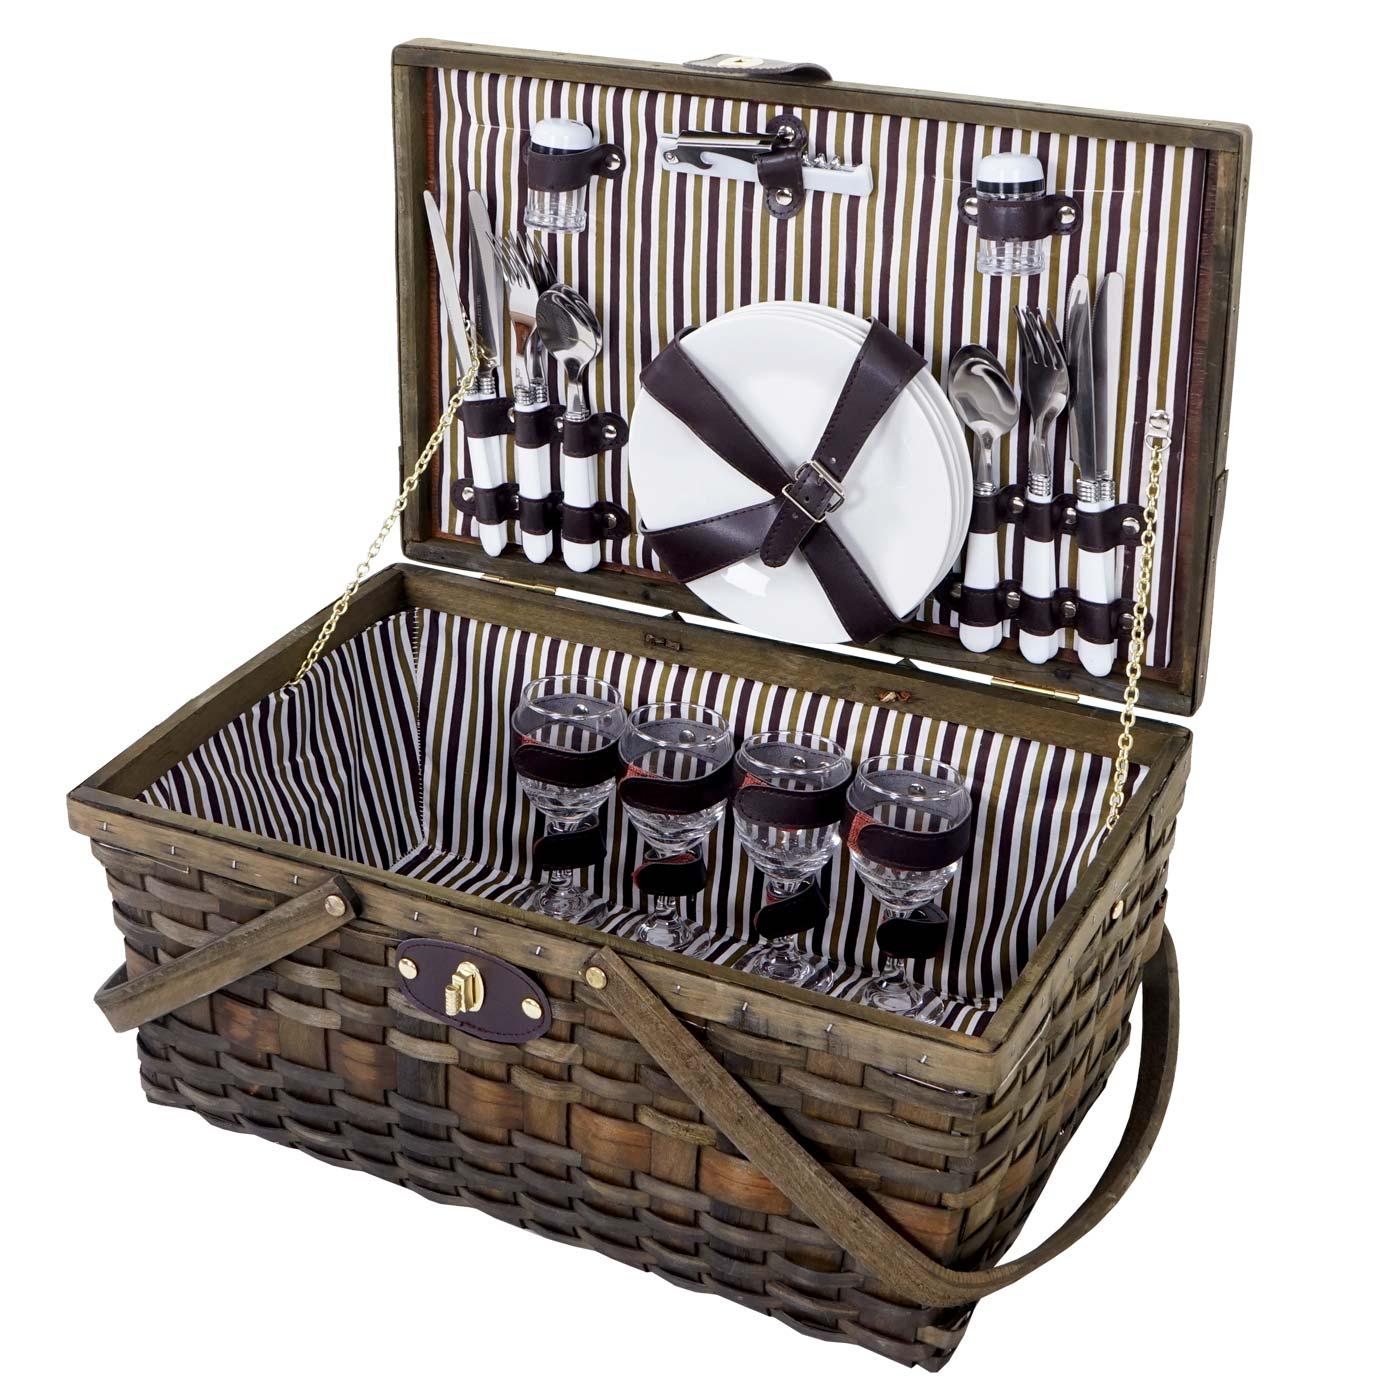 Mendler Picknickkorb-Set für 4 Personen, Picknicktasche Weiden-Korb, Porzellan Glas Edelstahl, braun-weiß ~ 51417